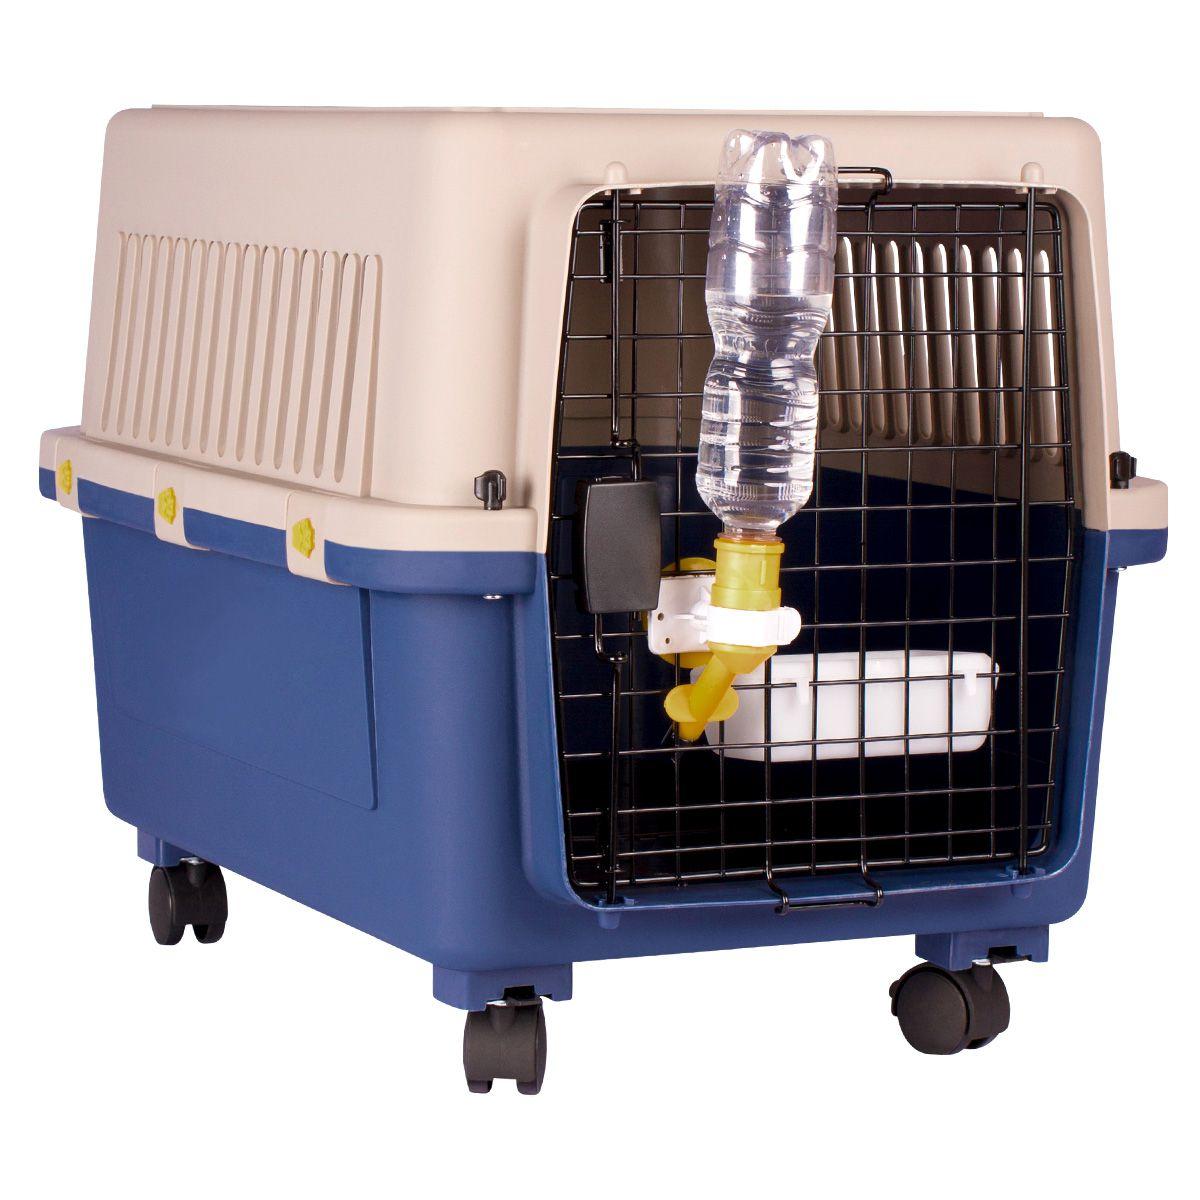 Caixa de Transporte Dog Fly modelo IATA Tamanho 4 N4 + Bebedouro